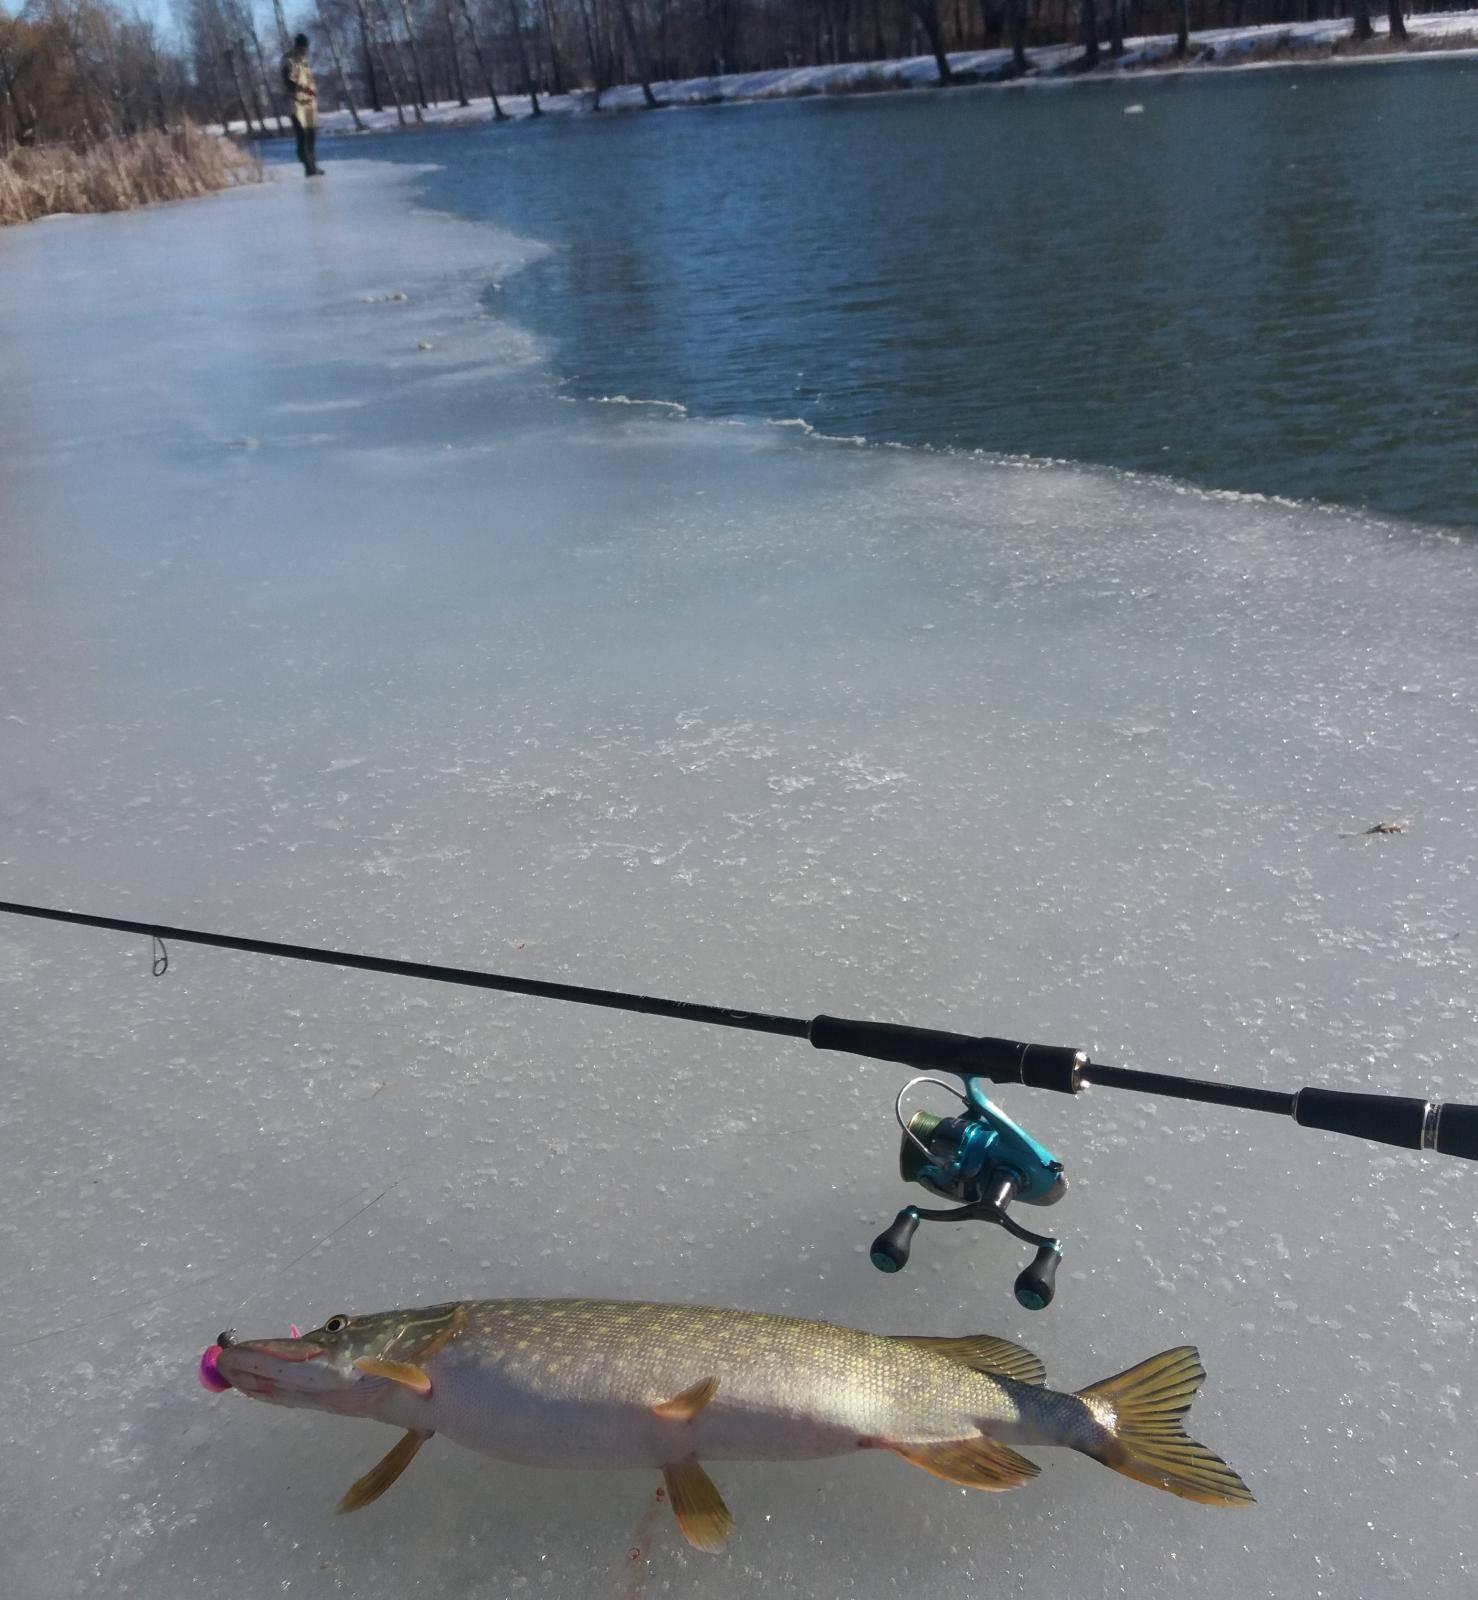 Рыбалка на канале имени москвы: места ловли, какая рыба клюет и когда ловить?